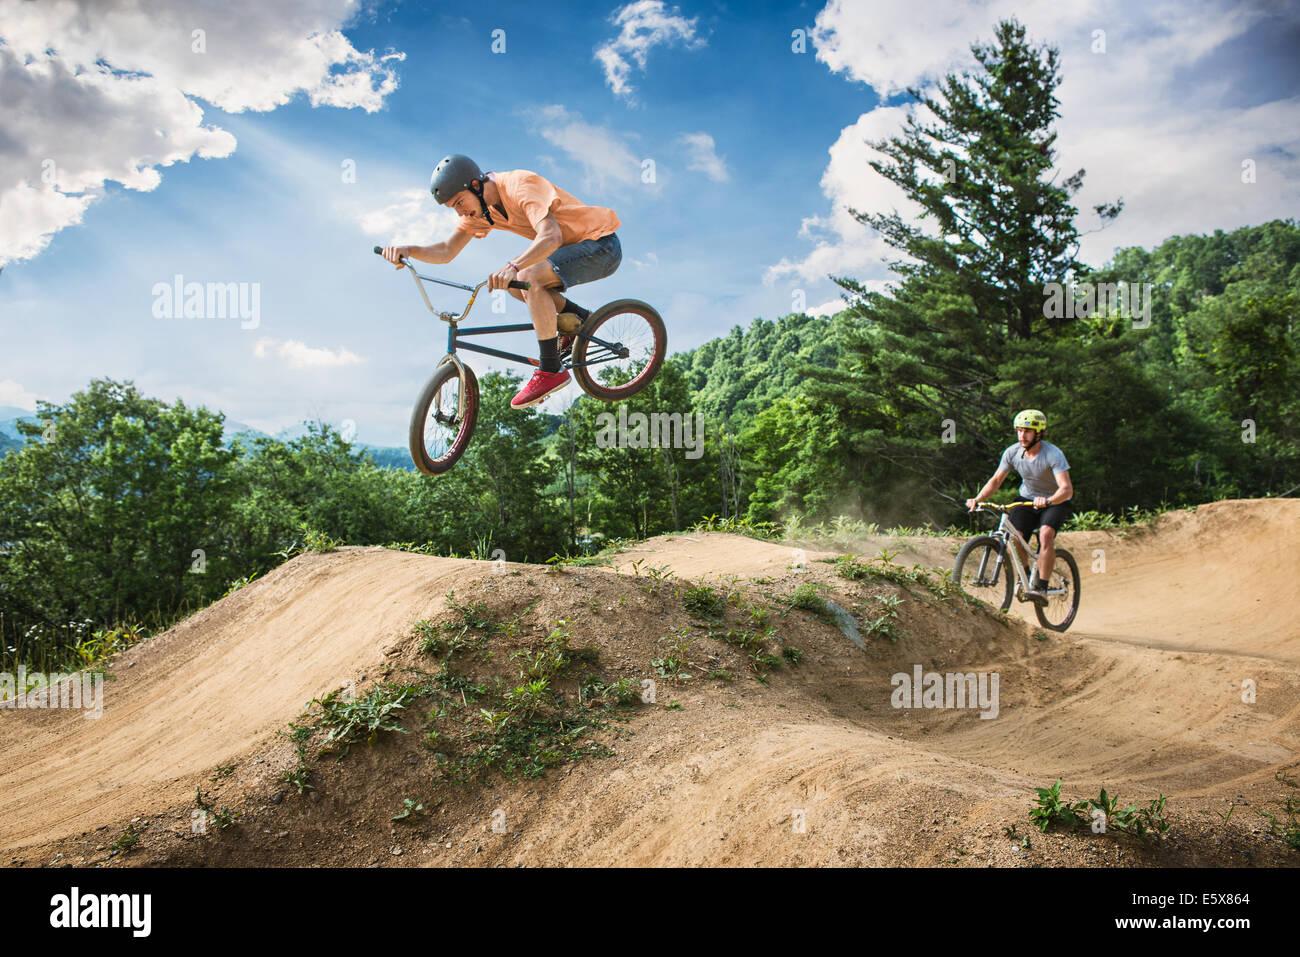 Dos amigos varones caballo BMX y bicicletas de montaña en pista bomba rural Imagen De Stock